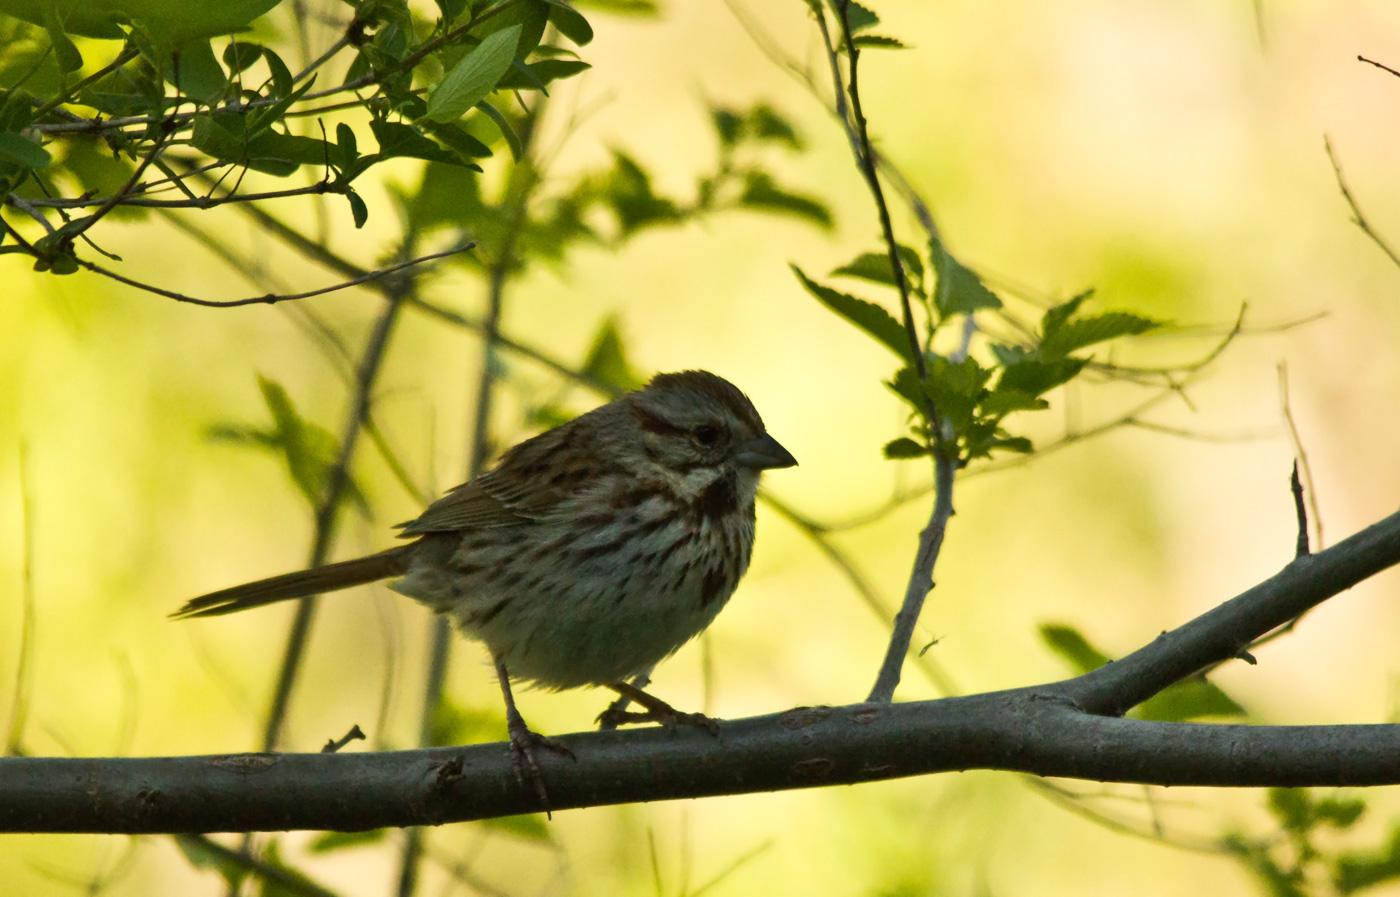 bird-on-twig